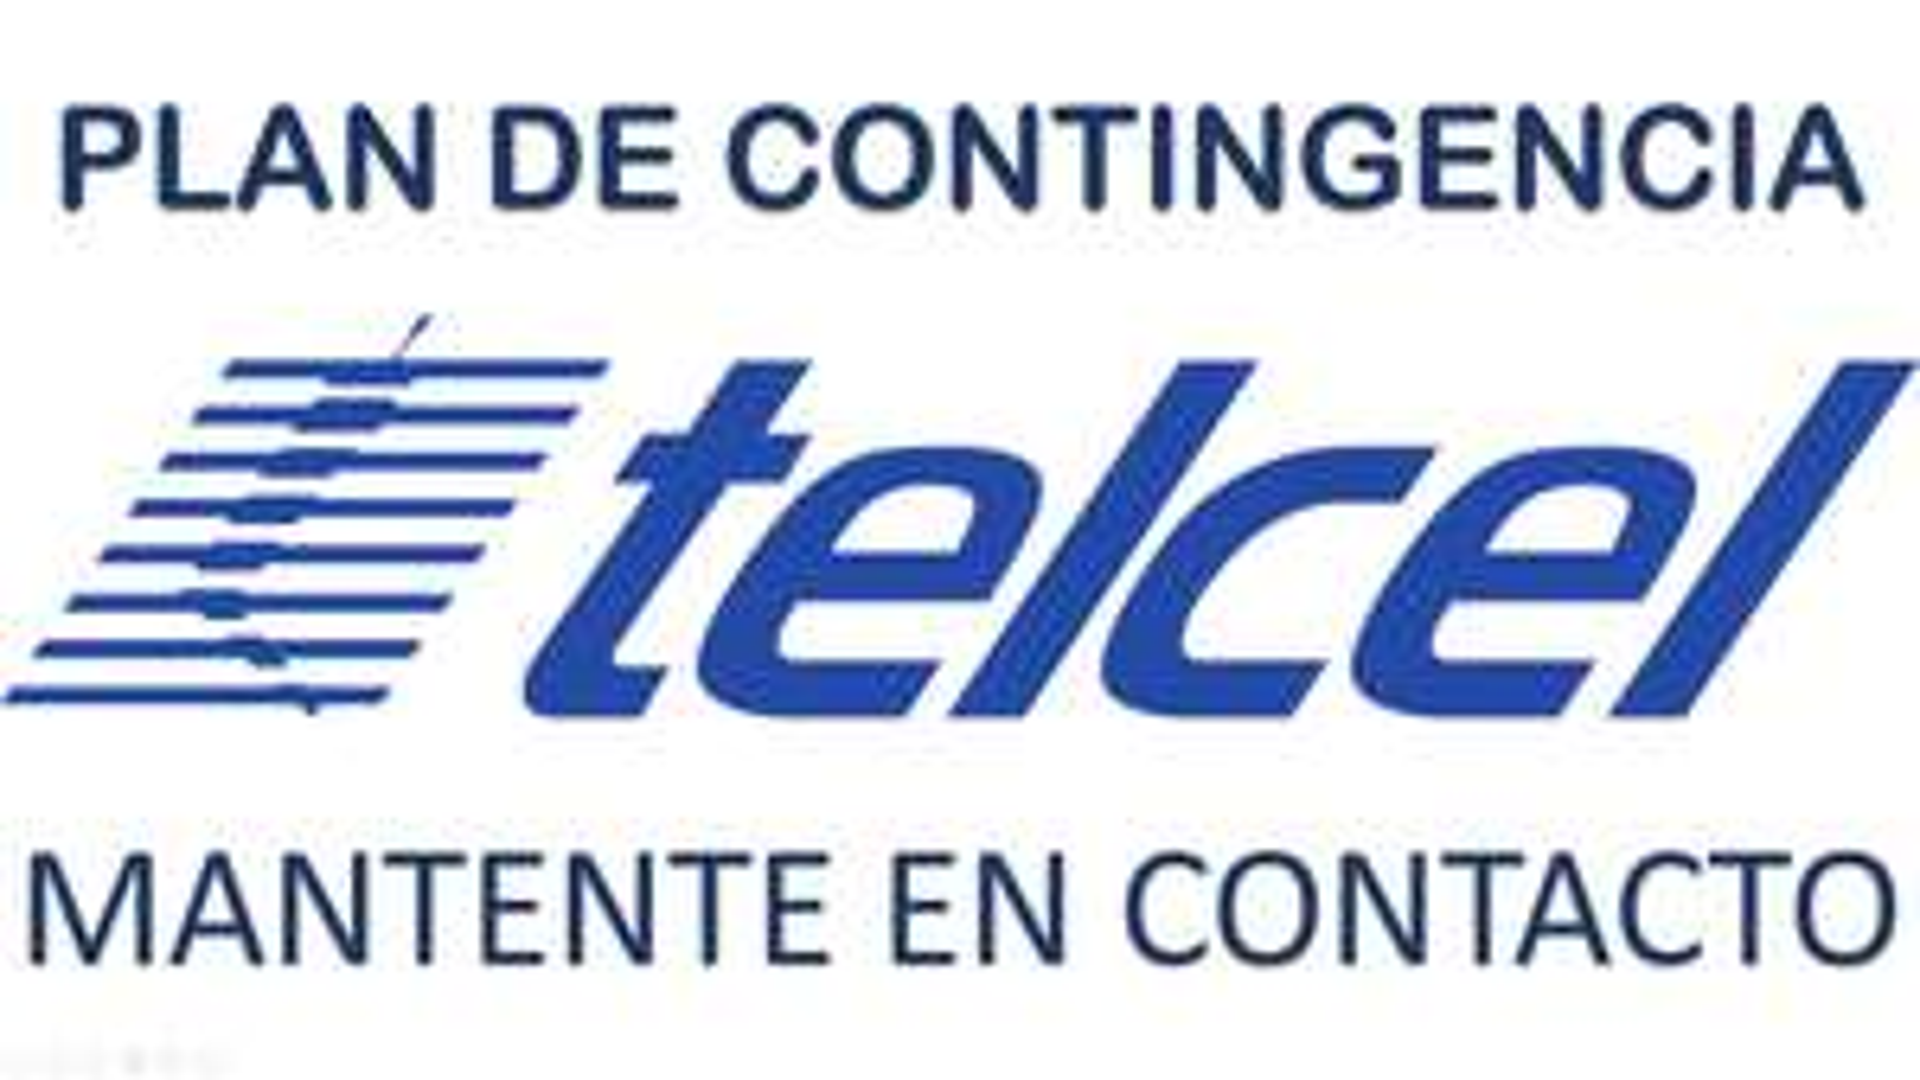 """Telcel: Planes por contingencia COVID """"Mantente en contacto"""" para planes forzosos"""